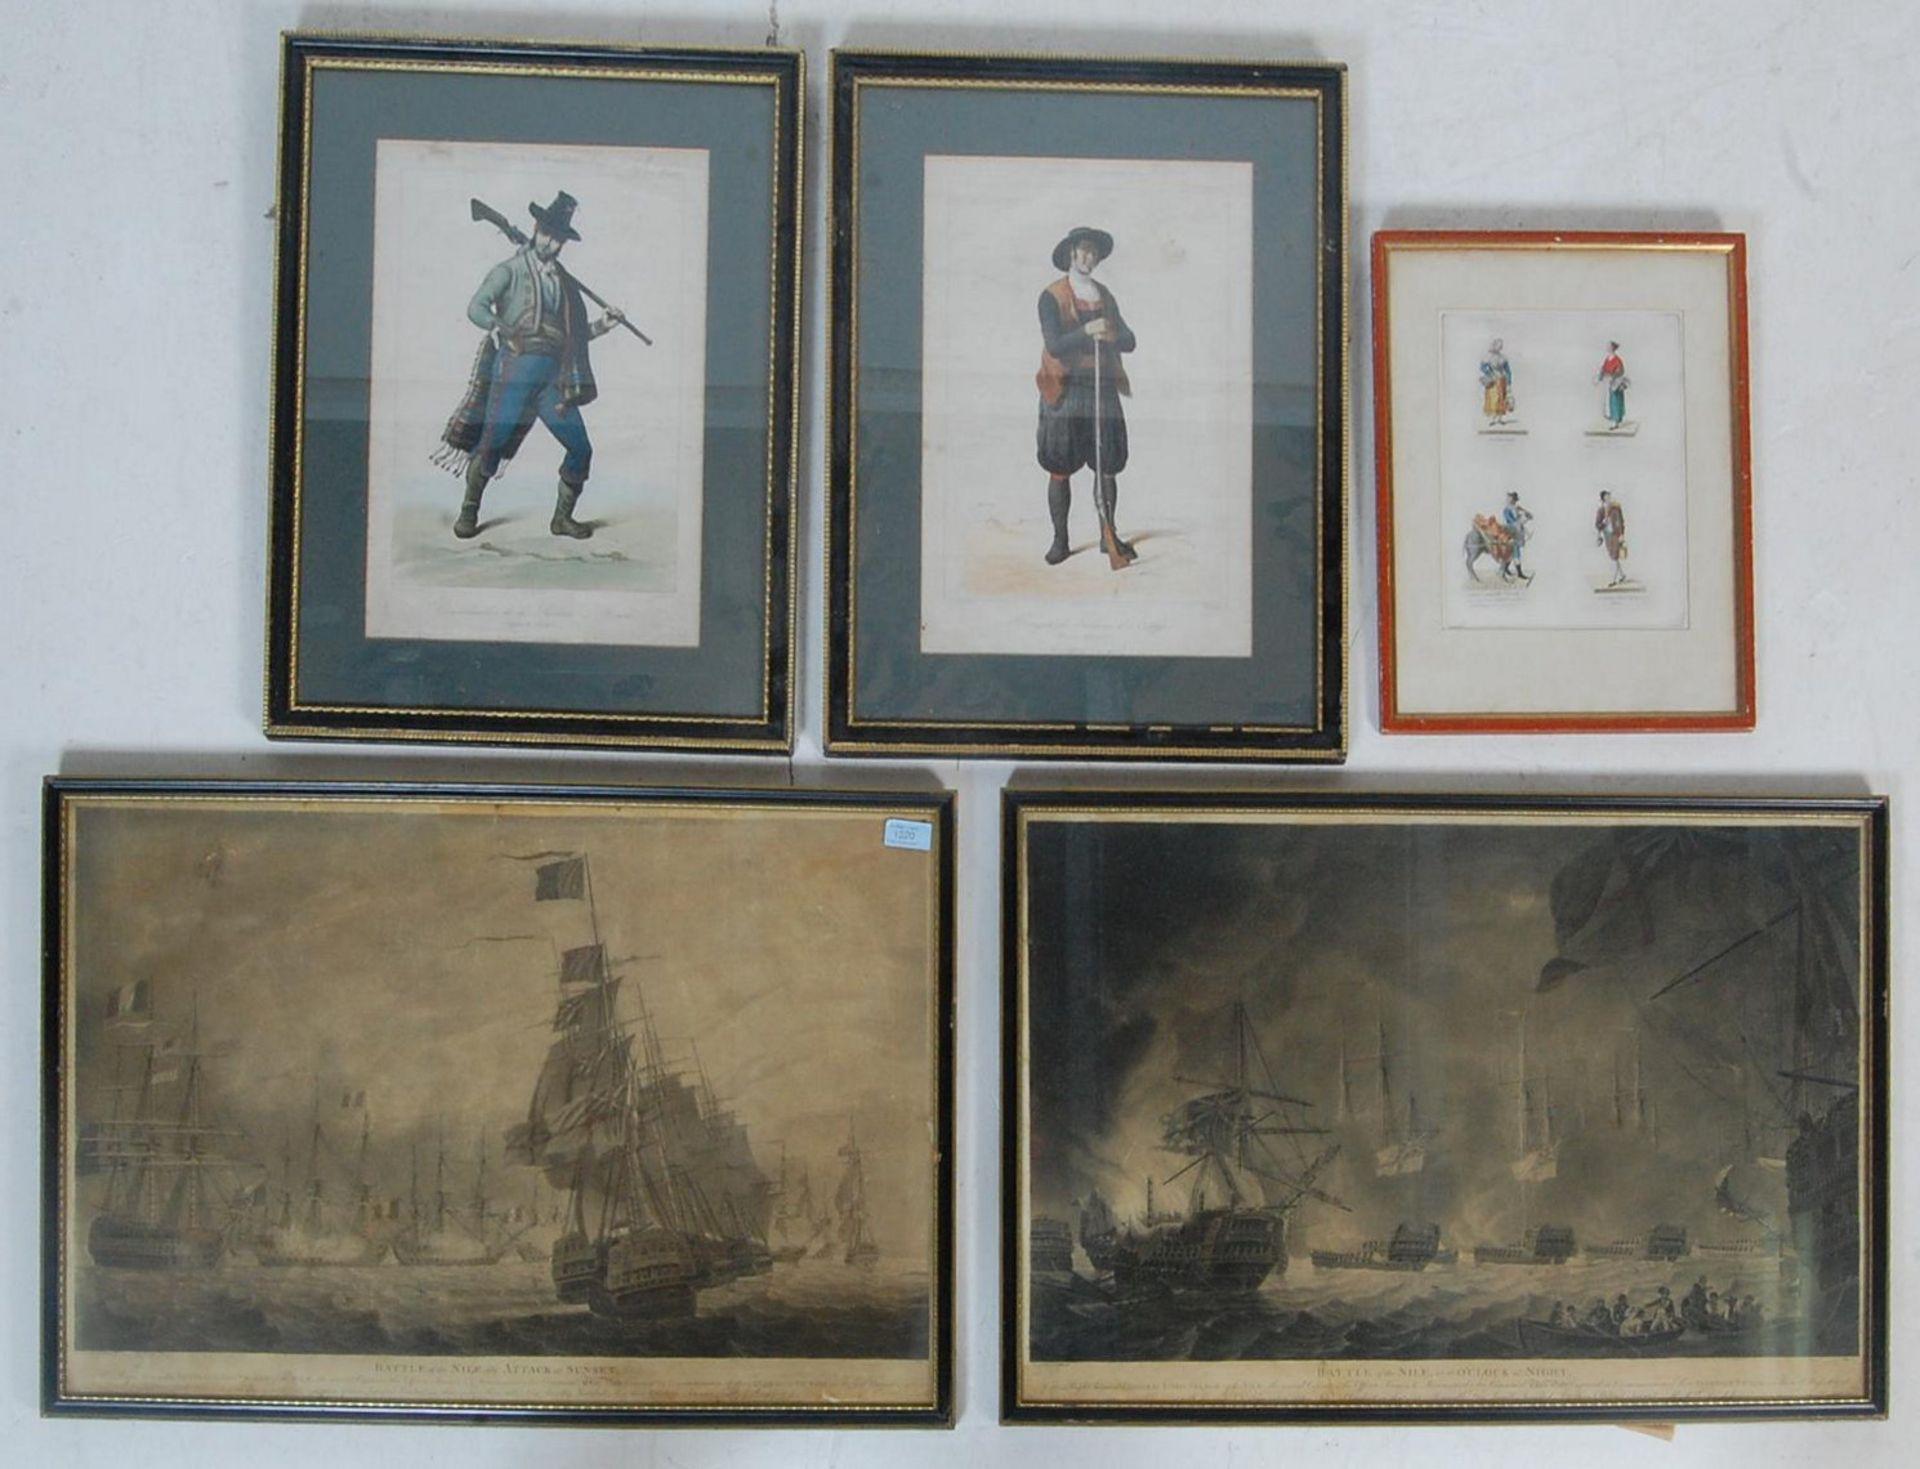 ANTIQUE 19TH CENTURY LITHOGRAPHS PEINTS / ETCHING PLATES